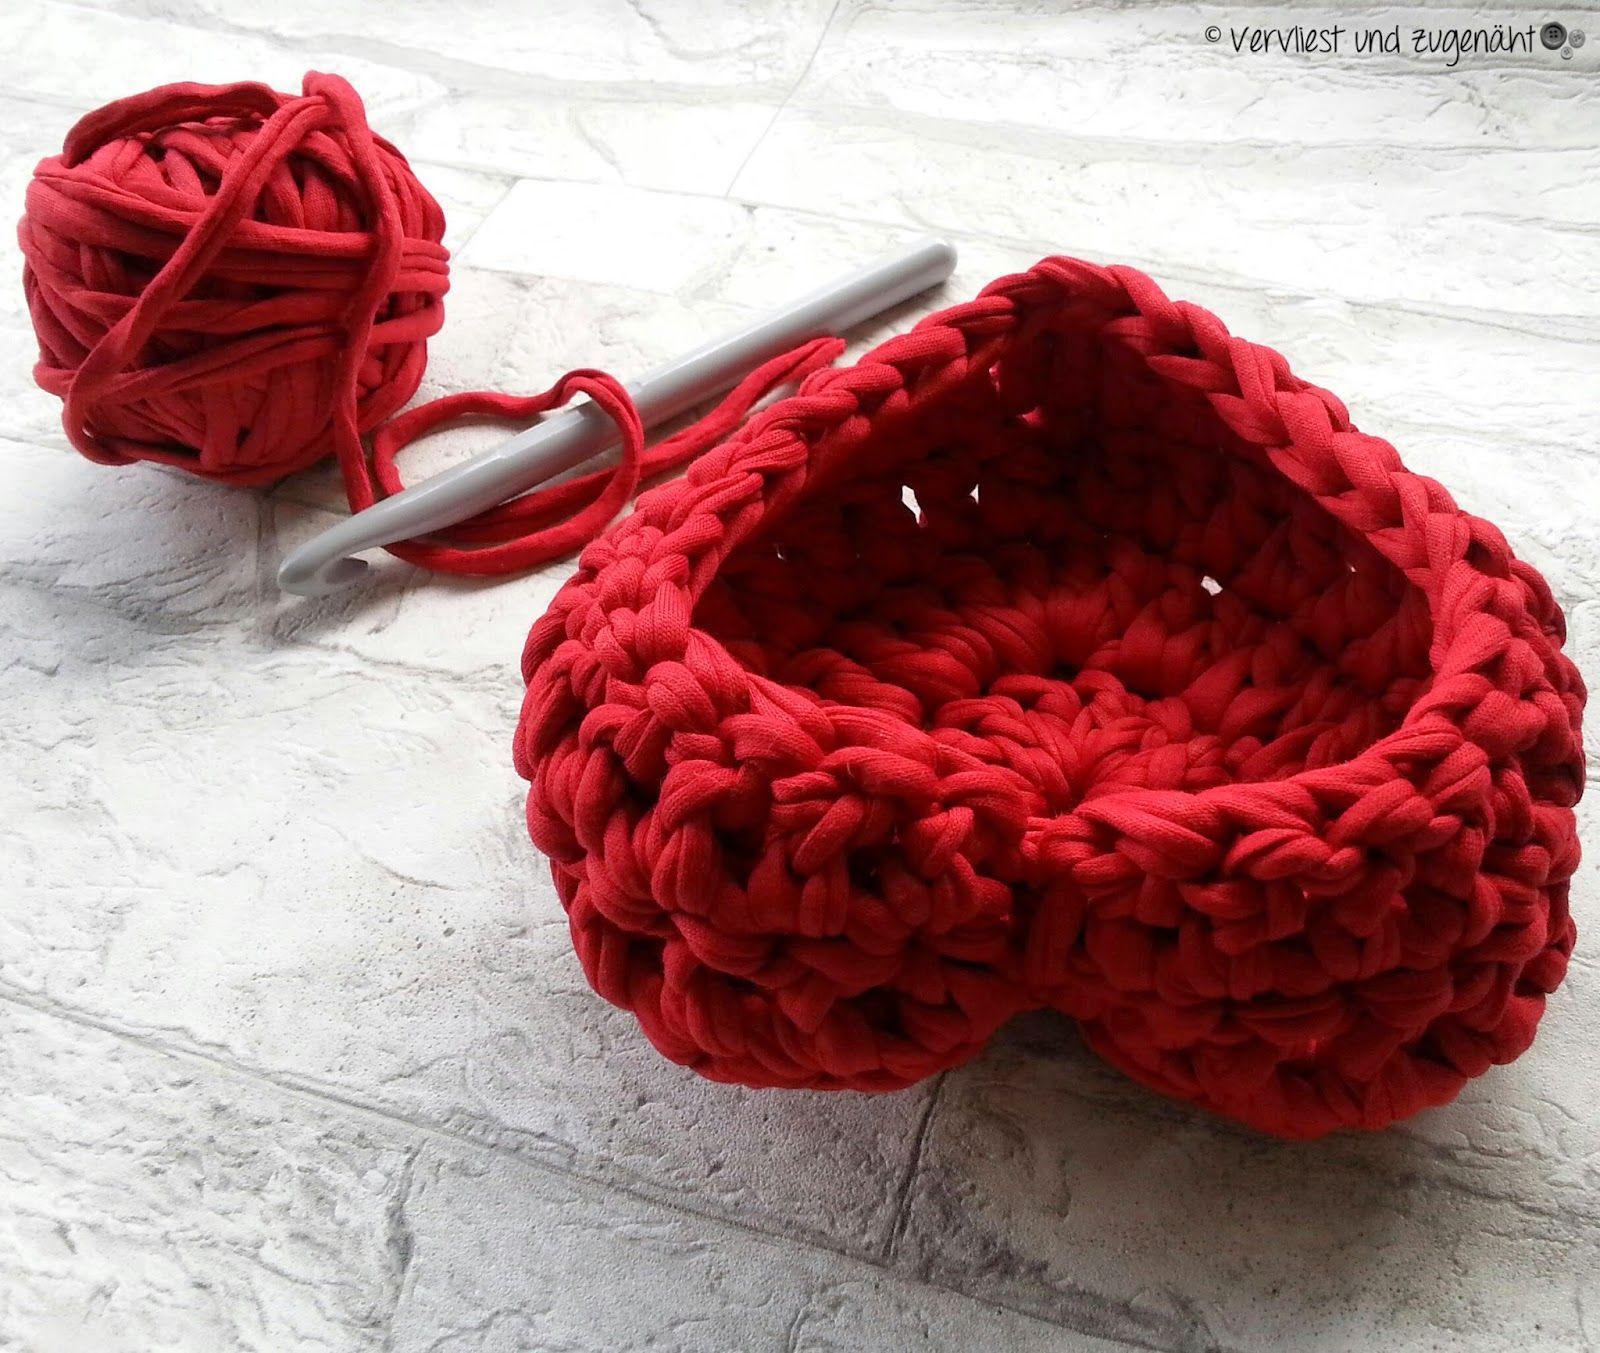 herz zpagetti k rbchen anleitung pinterest h keln herz h keln und korb h keln. Black Bedroom Furniture Sets. Home Design Ideas